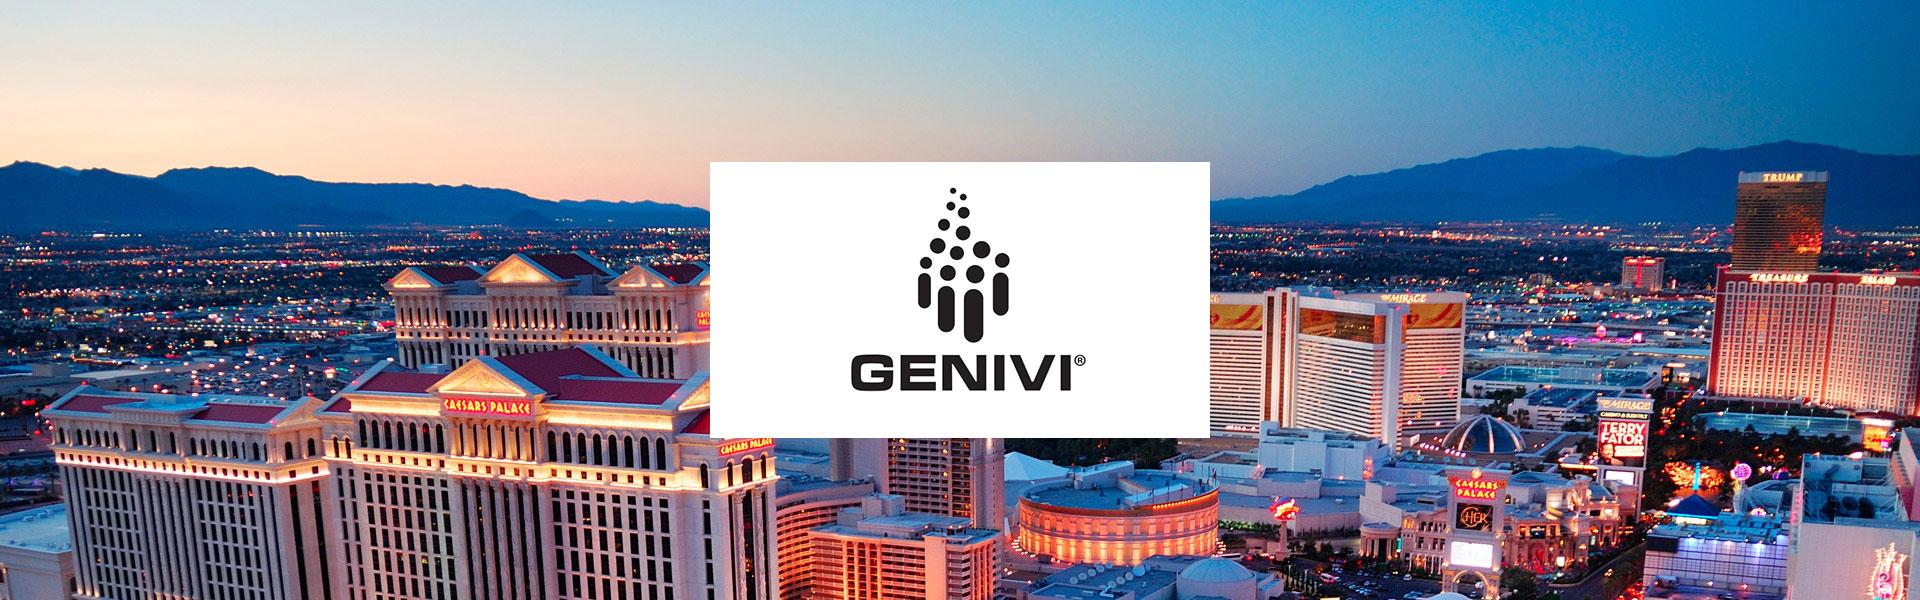 Genivi event logo